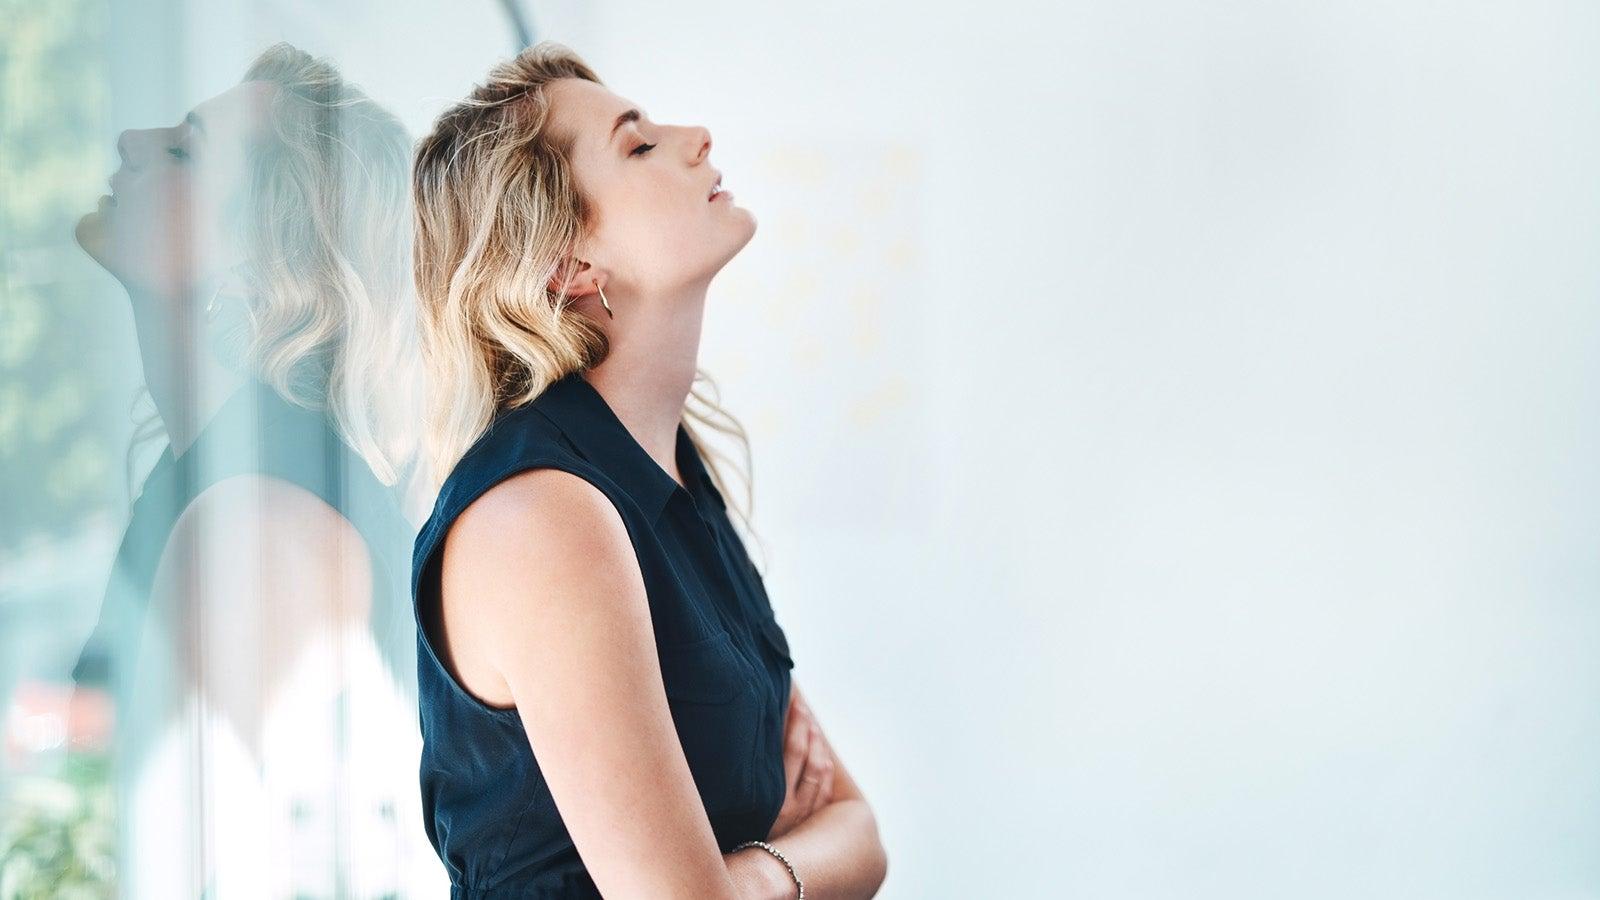 Kopfschmerzen und Schlafstörungen: So beeinflusst das Wetter unsere Gesundheit